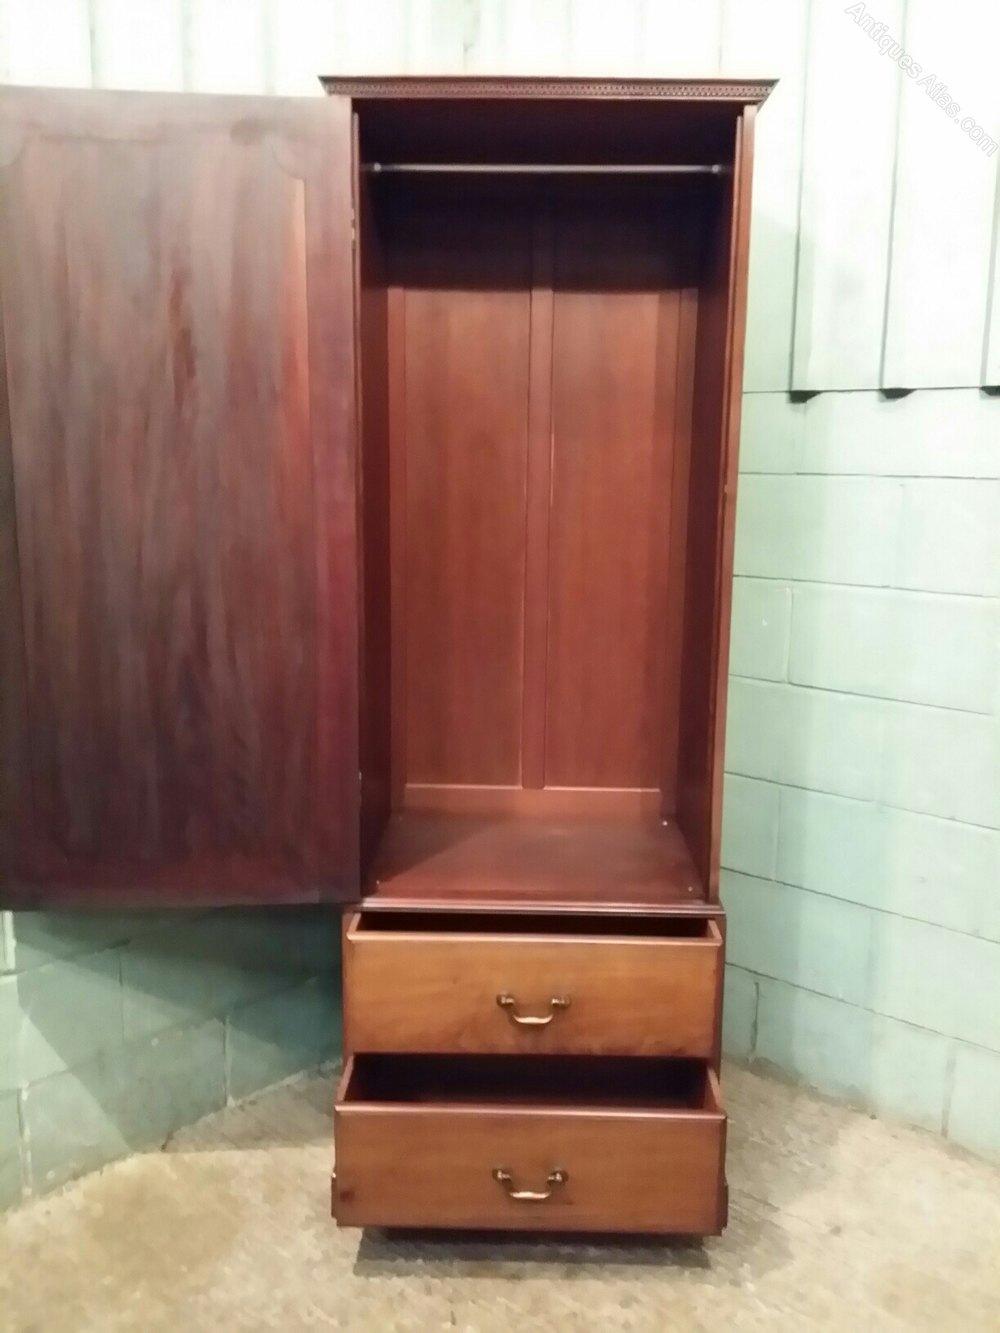 Antique Edwardian Tall Narrow Single Oak Wardrobe